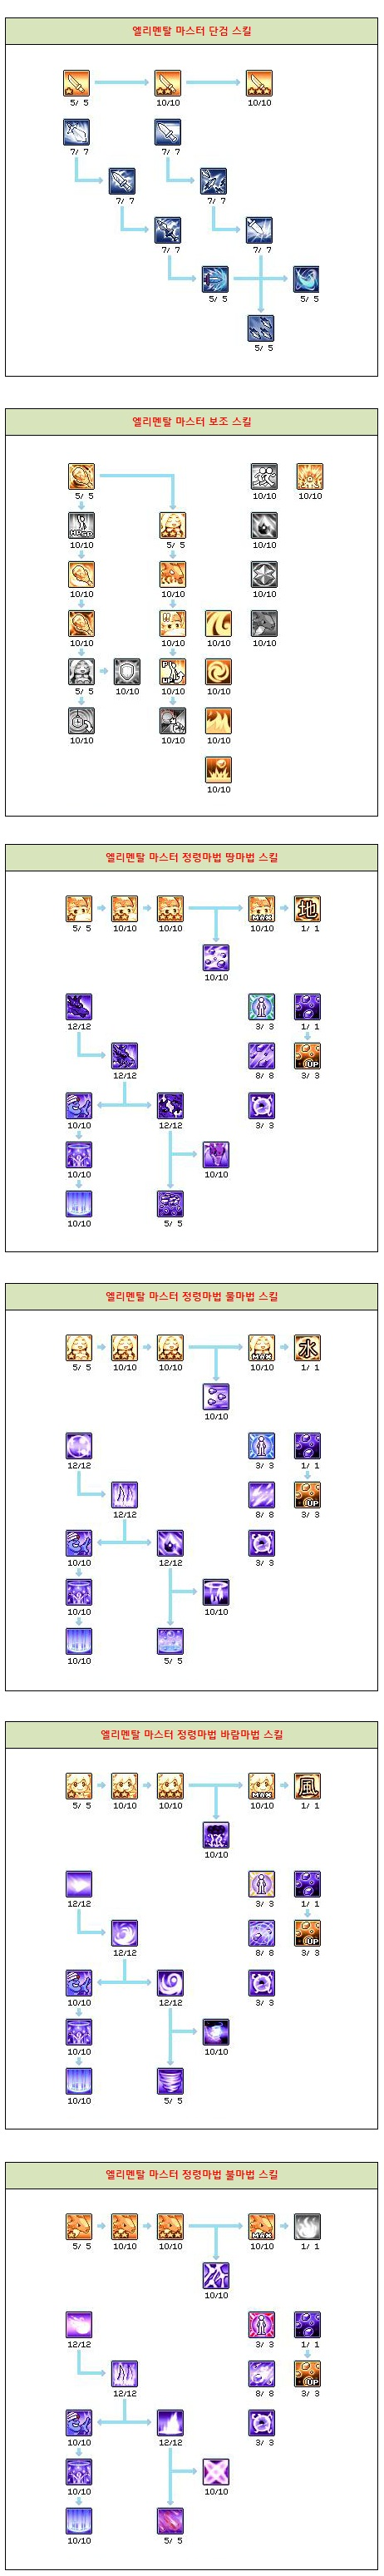 20111214_ma3.jpg